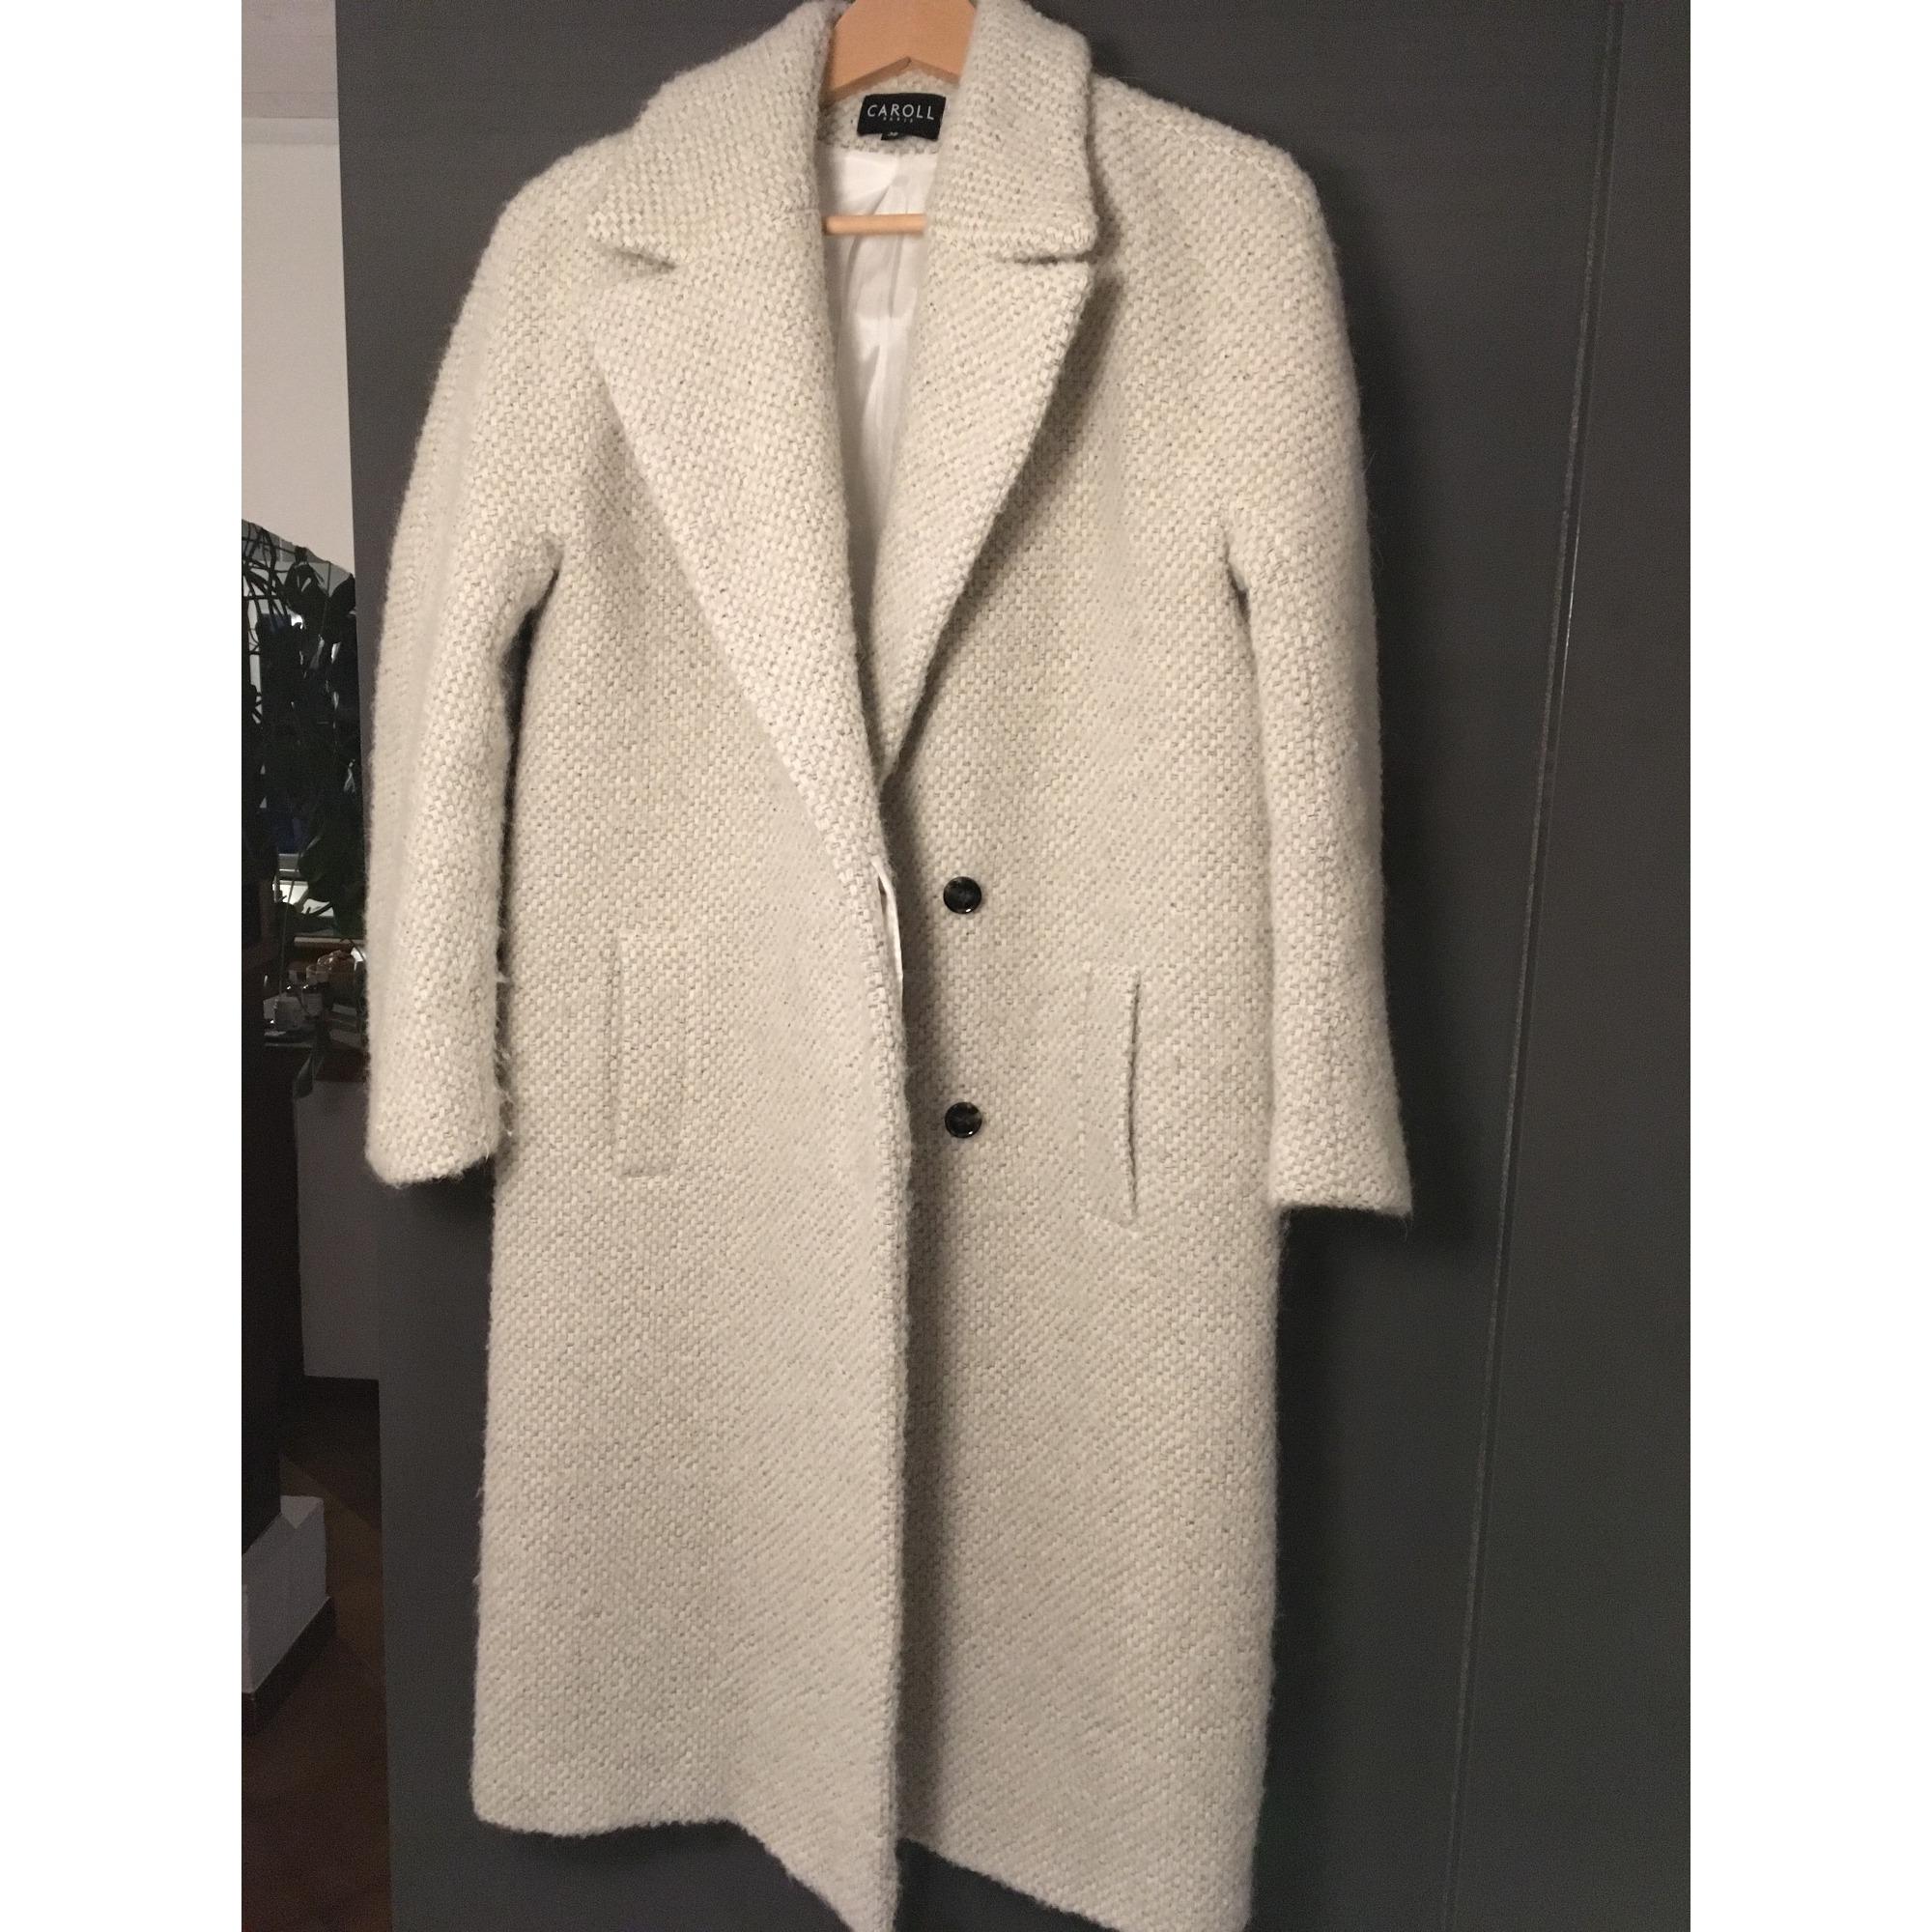 Manteau CAROLL 38 (M, T2) blanc vendu par Ya - 8220252 f2c22c84b73